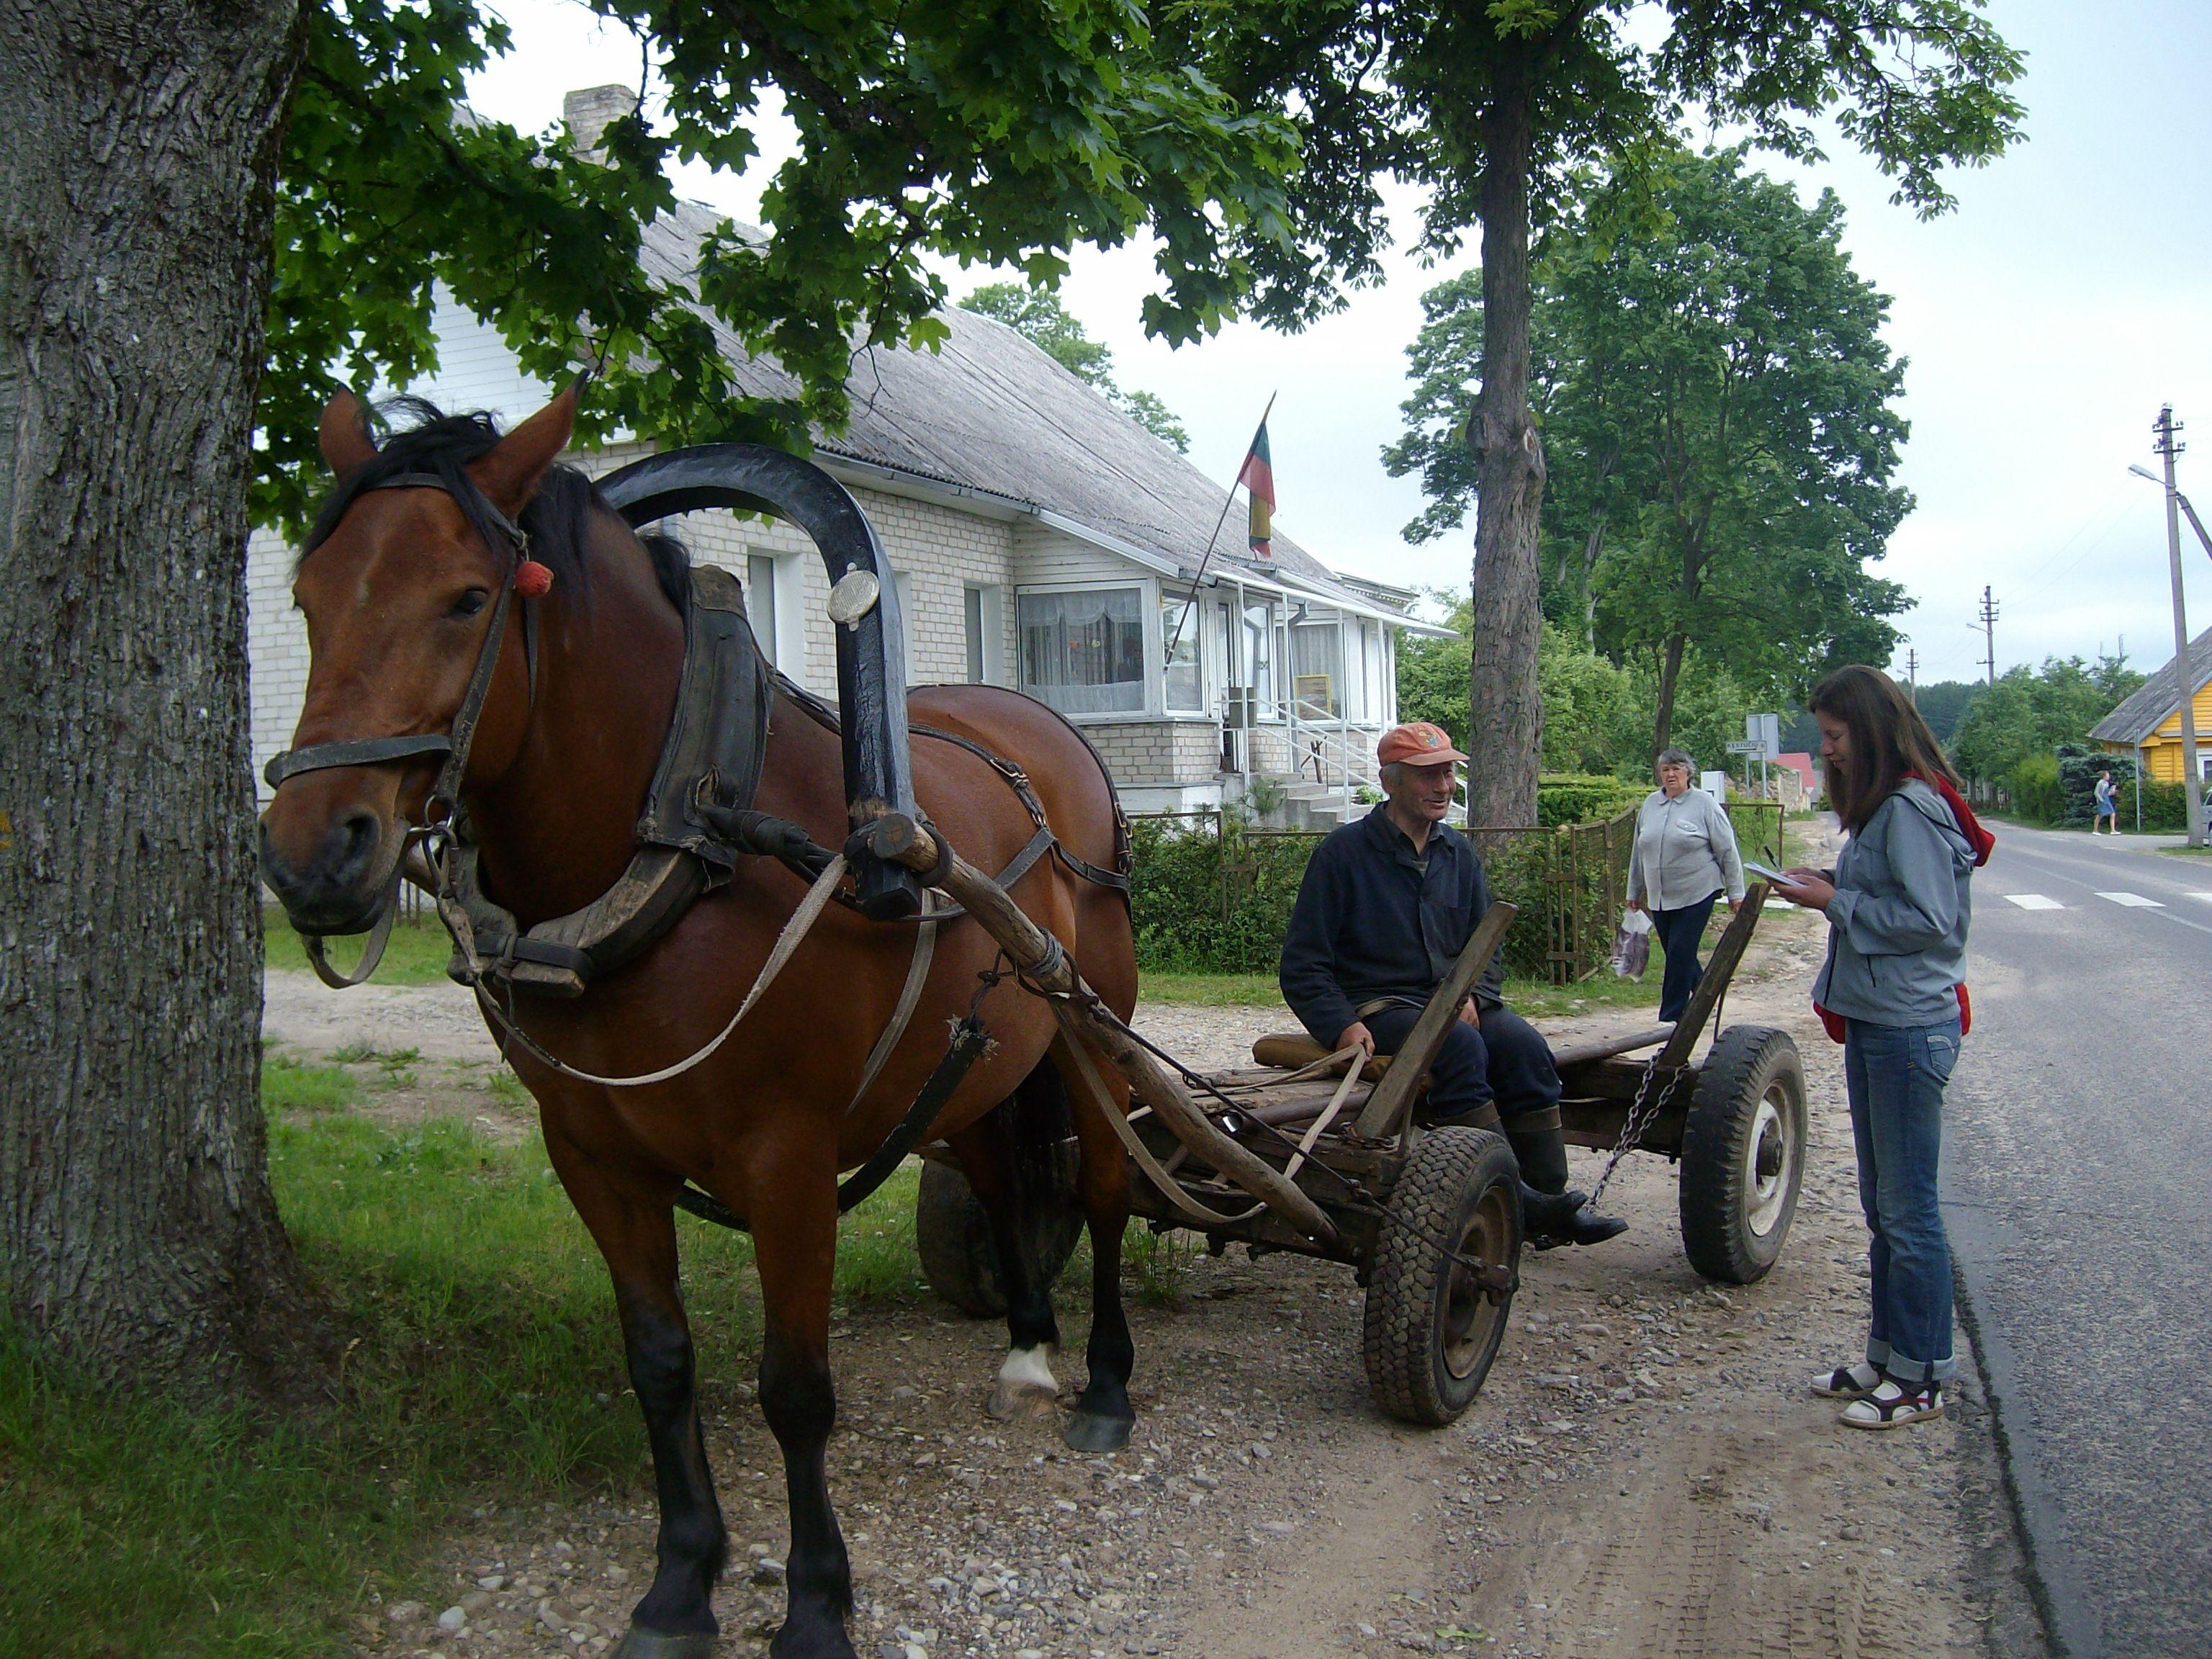 Nuo blogų akių šį arkliuką saugo prie kamanų iš abiejų pusų pritvirtinti raudoni bumbulai. 2010 m. Trakų rajono Onuškio miestelis | Asmeninė nuotr.